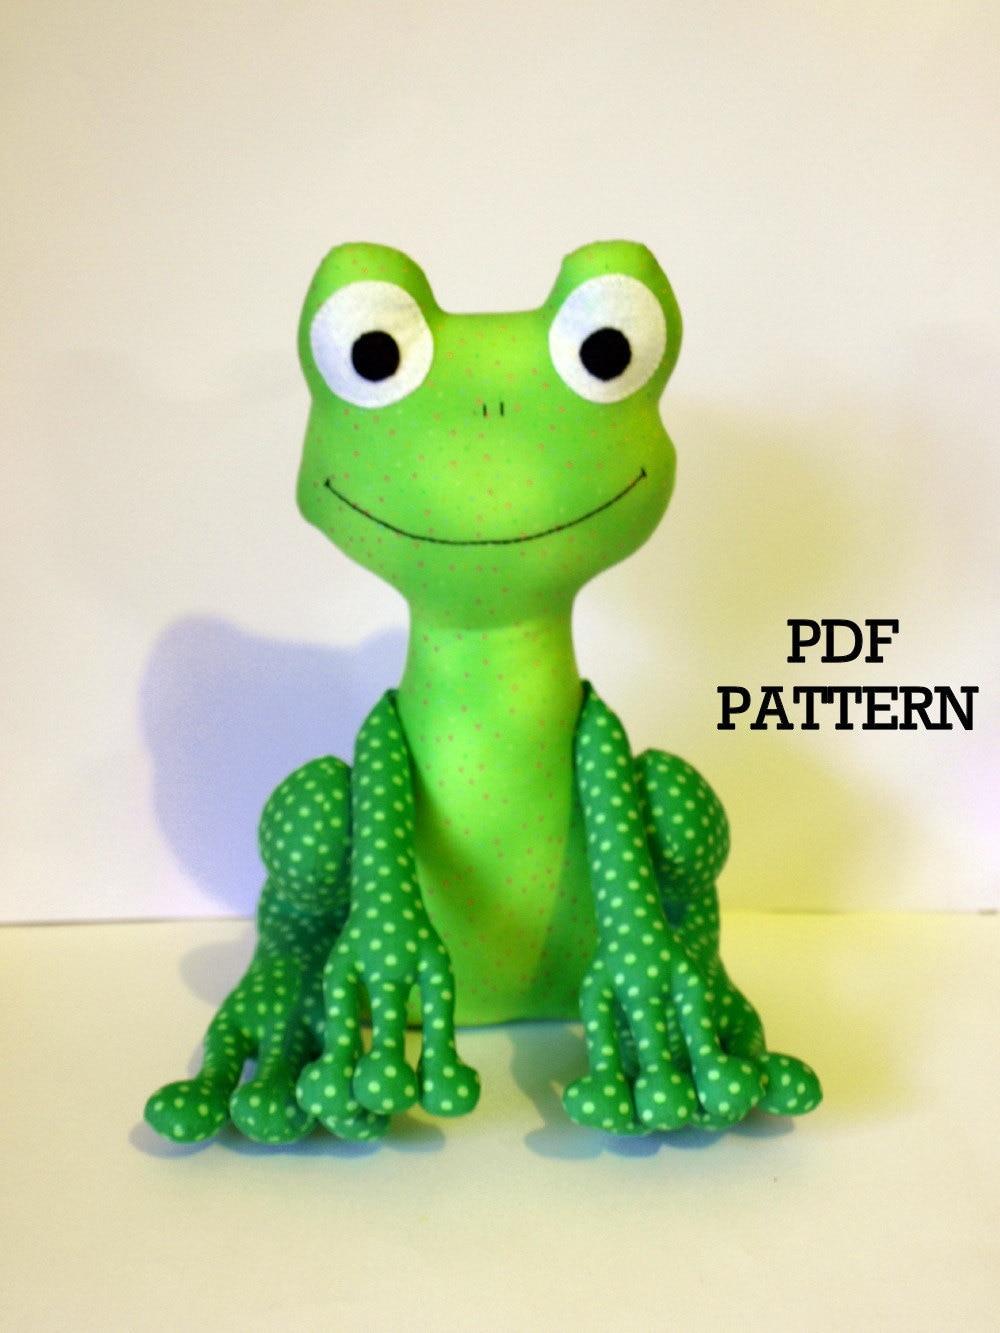 frog pdf sewing pattern soft toy direct download. Black Bedroom Furniture Sets. Home Design Ideas